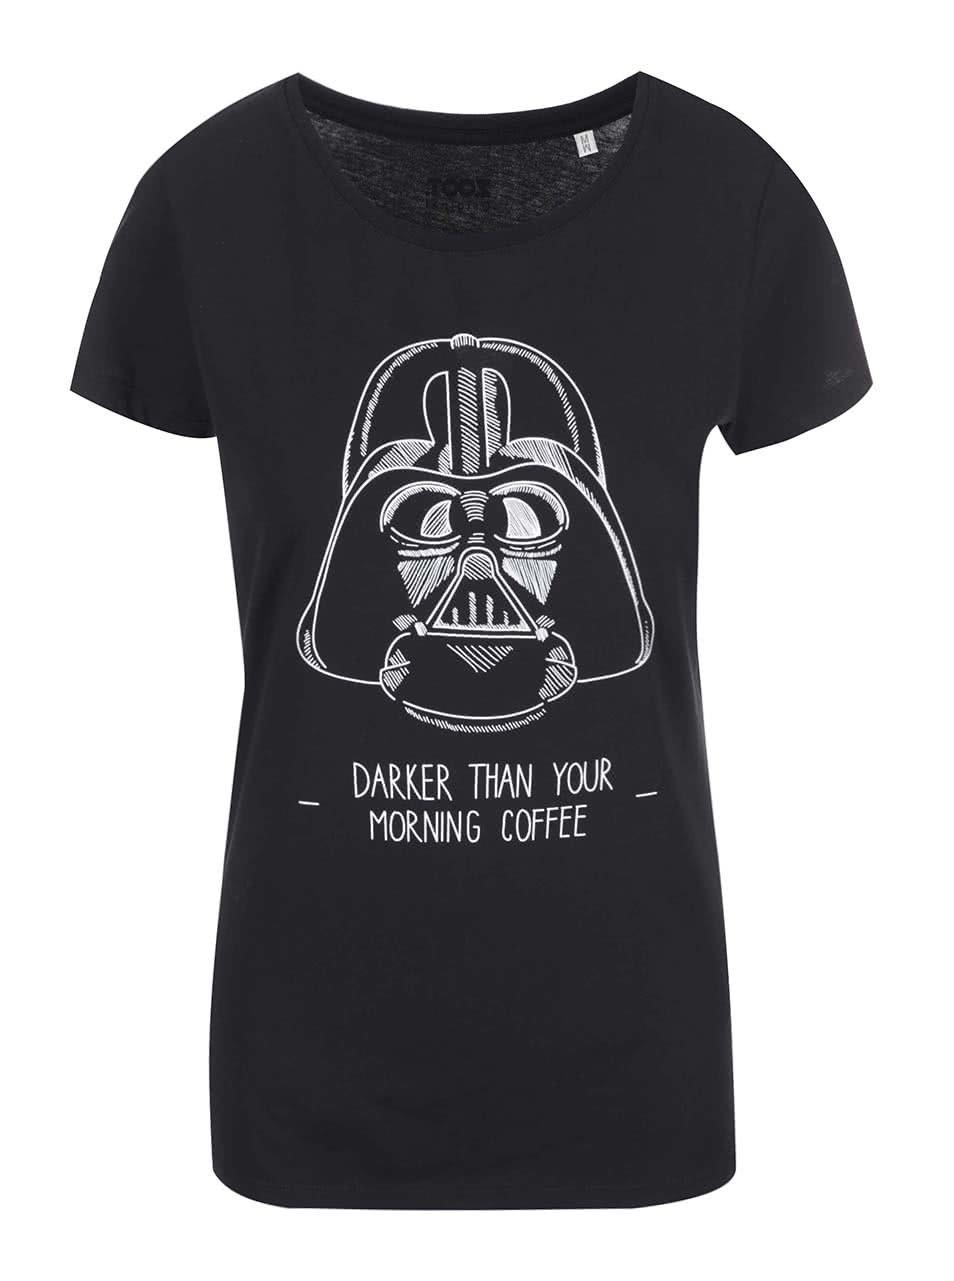 ee7bd56ea1b6 Čierne dámske tričko s potlačou ZOOT Originál Darker Coffee ...